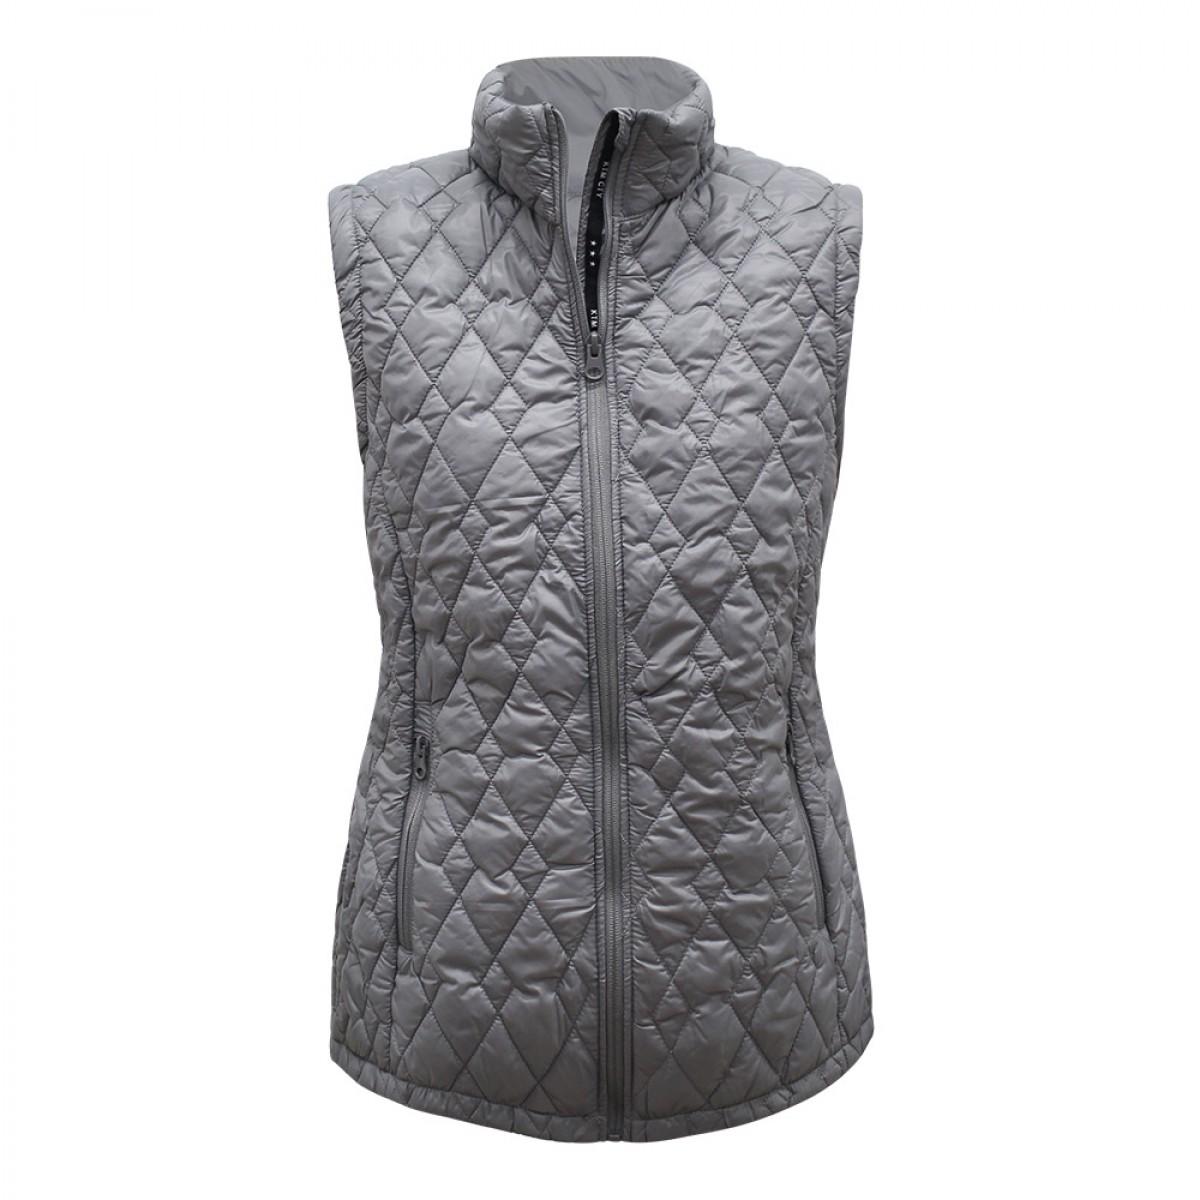 women-polyfiber-half-jacket-kpj06914-10a